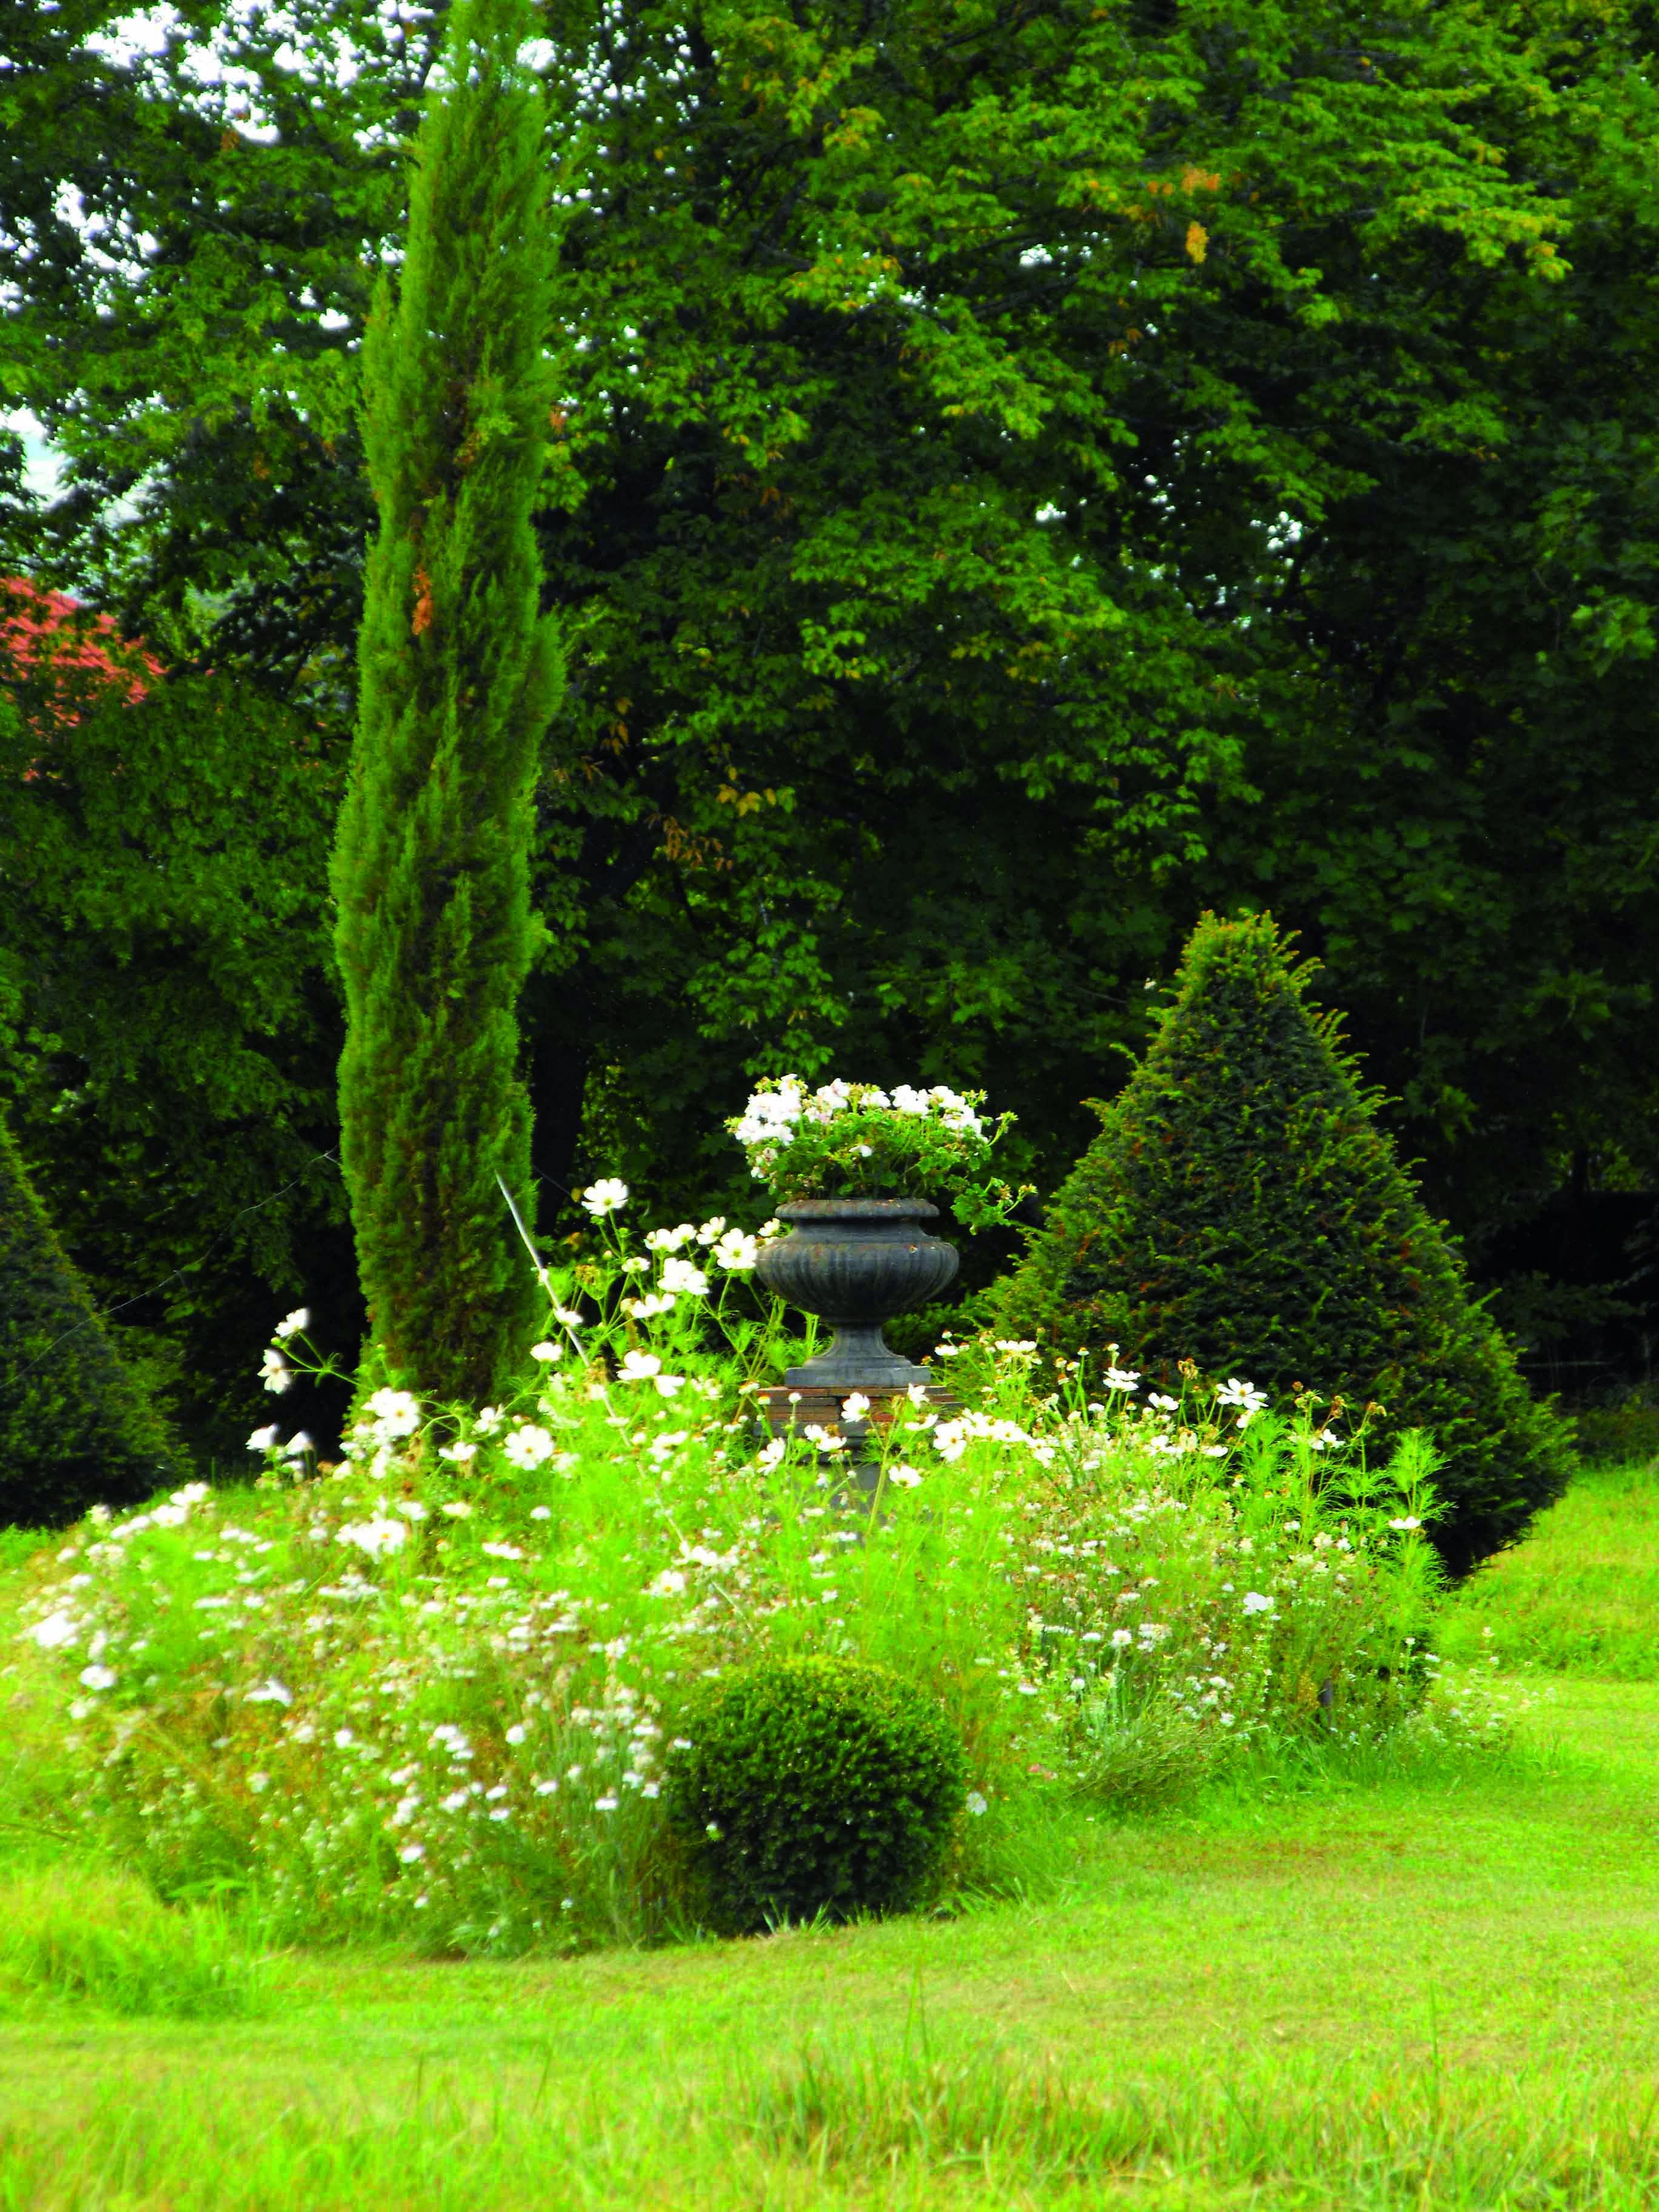 Rendez vous au jardin riom annonces et annonces for Rendez vous au jardin